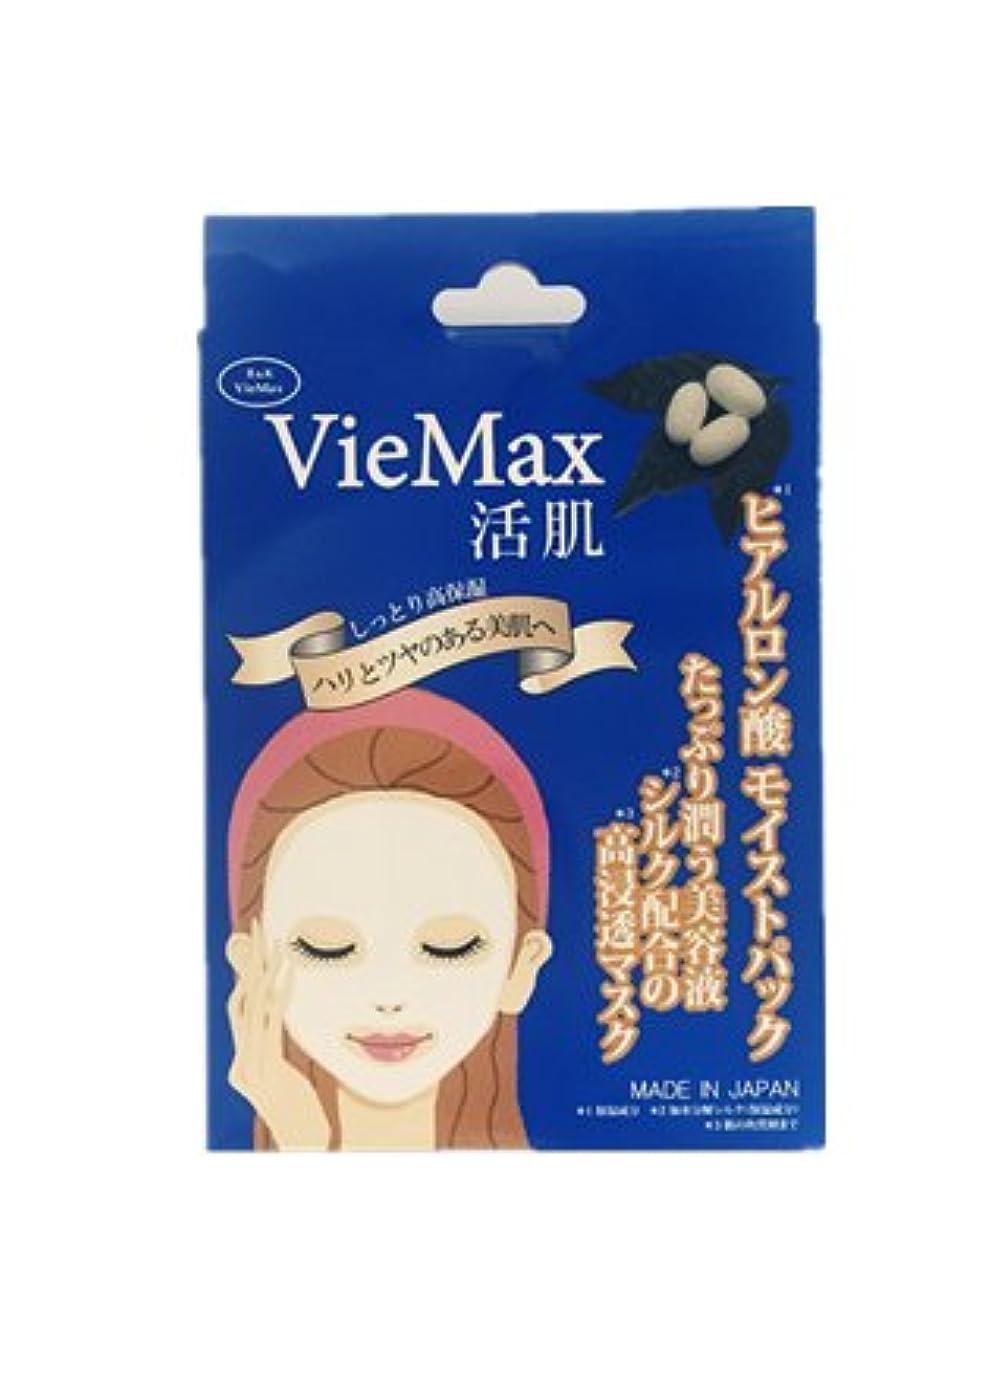 偽善者構造的縫い目VieMax活肌 ヒアルロン酸モイストパック 5枚入